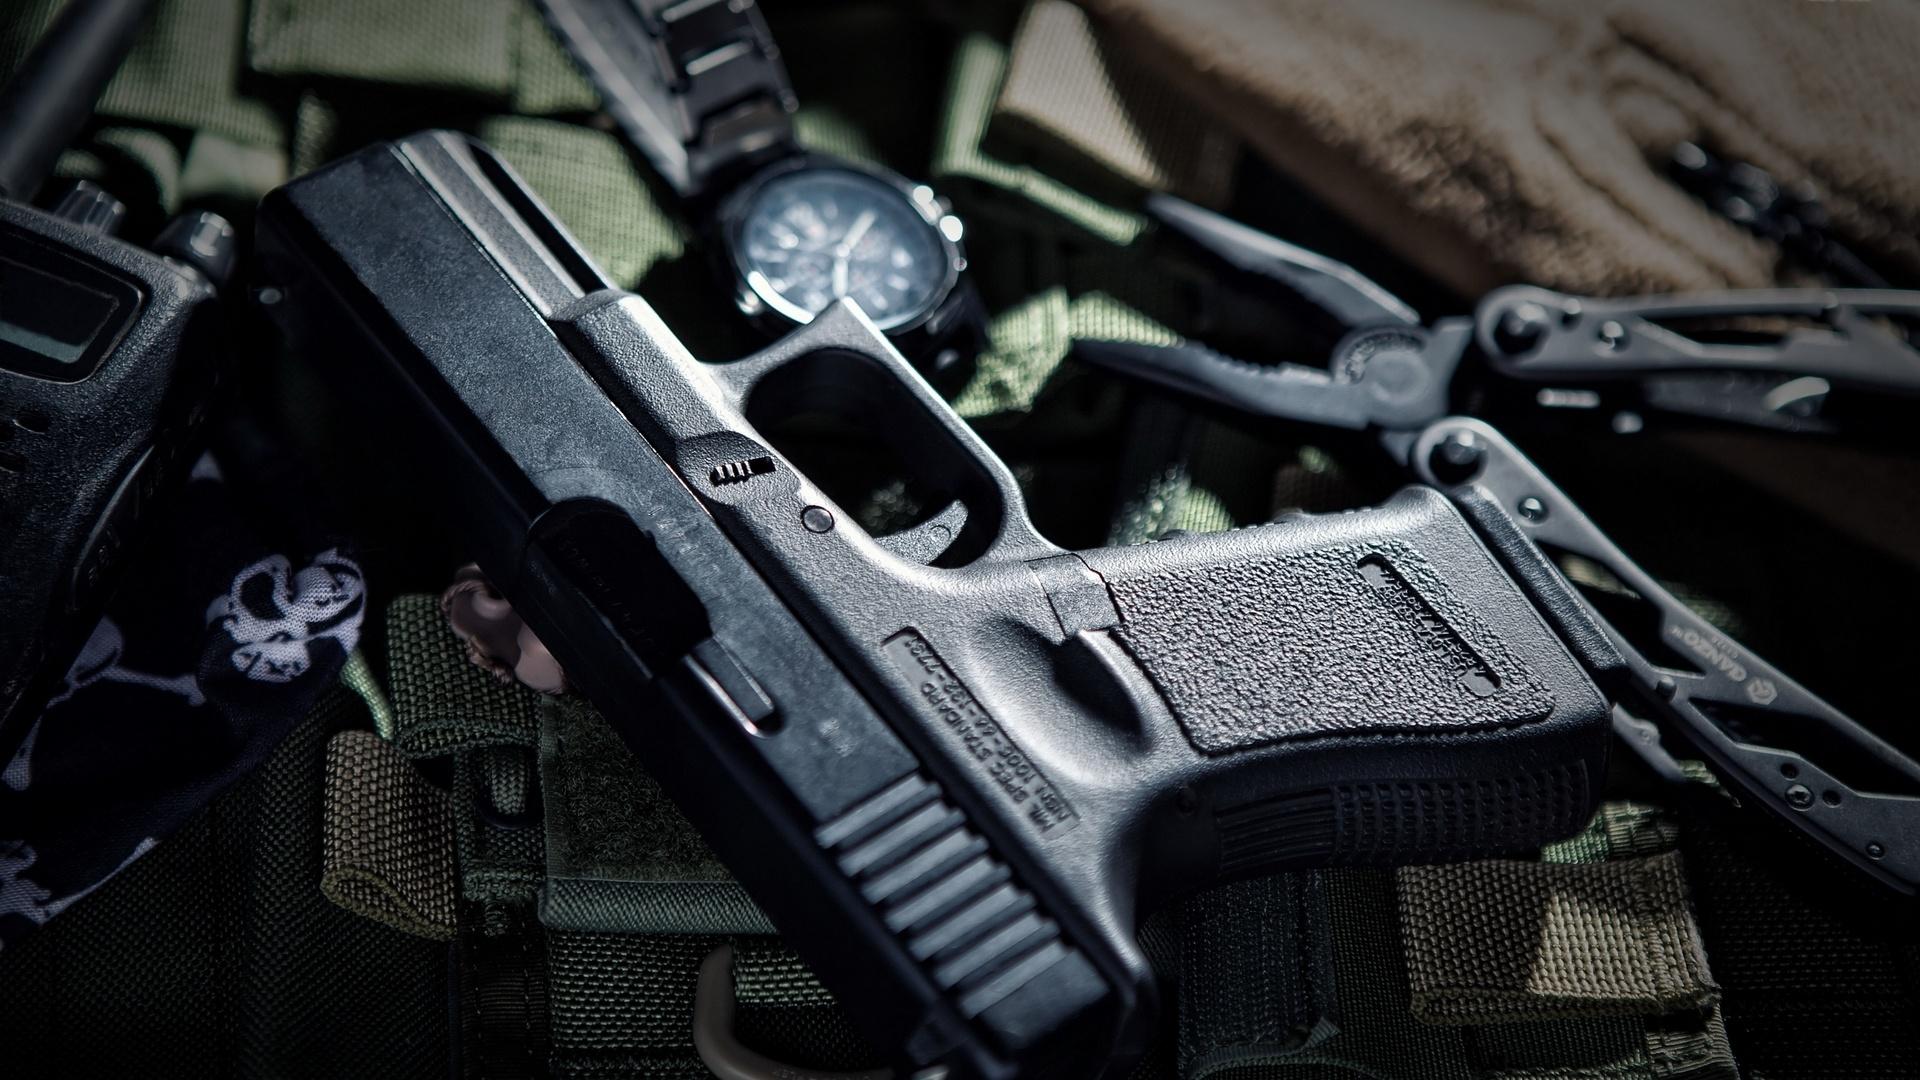 glock pistol wallpaper hd 60128